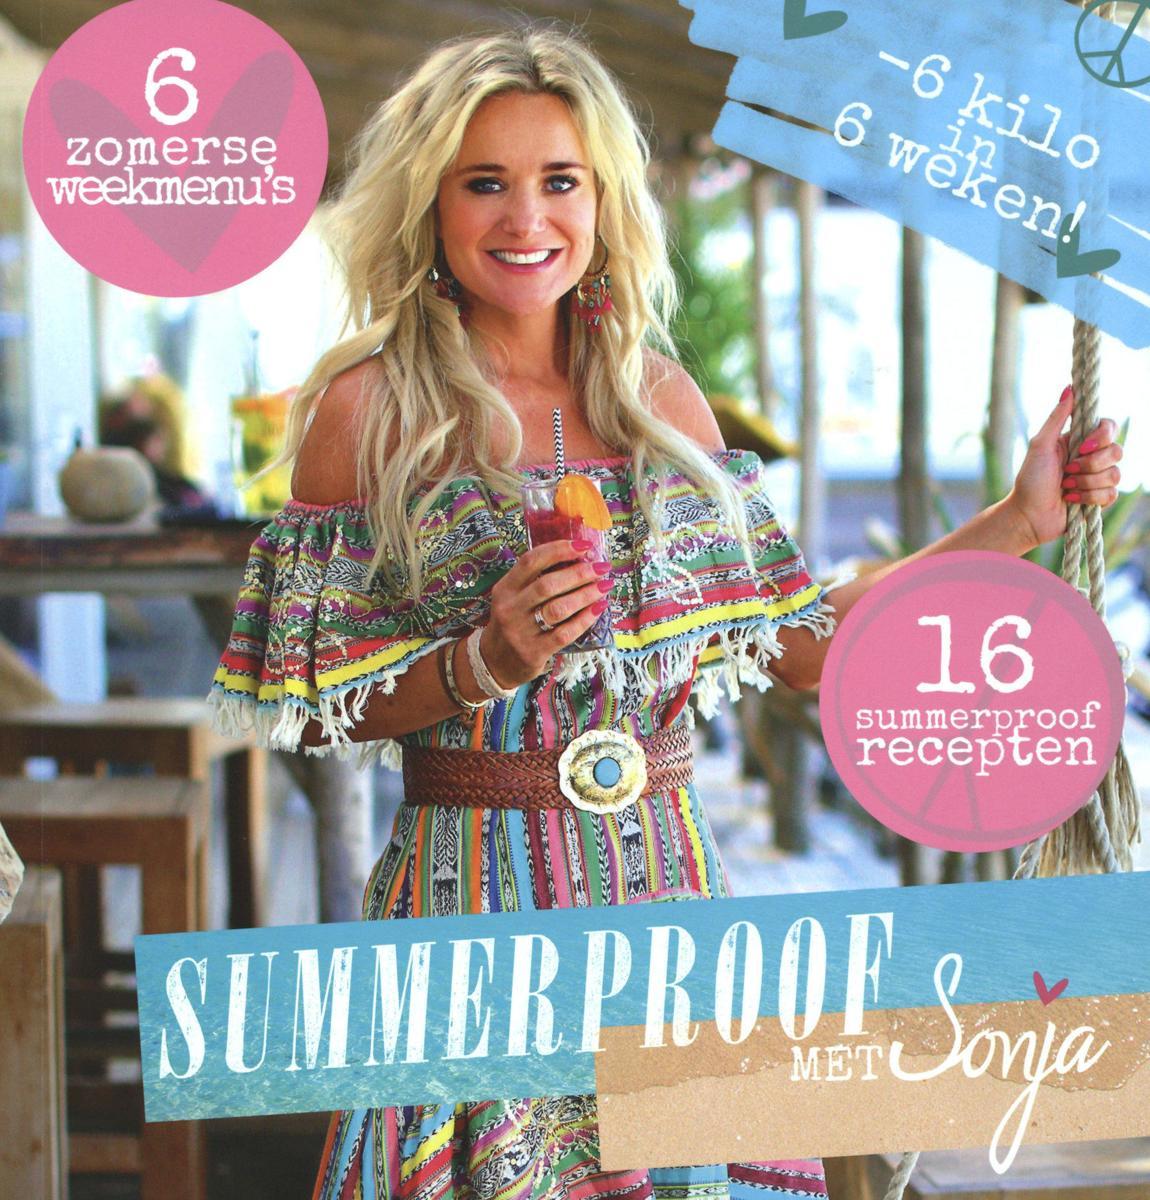 Summerproof met Sonja - boekenflits